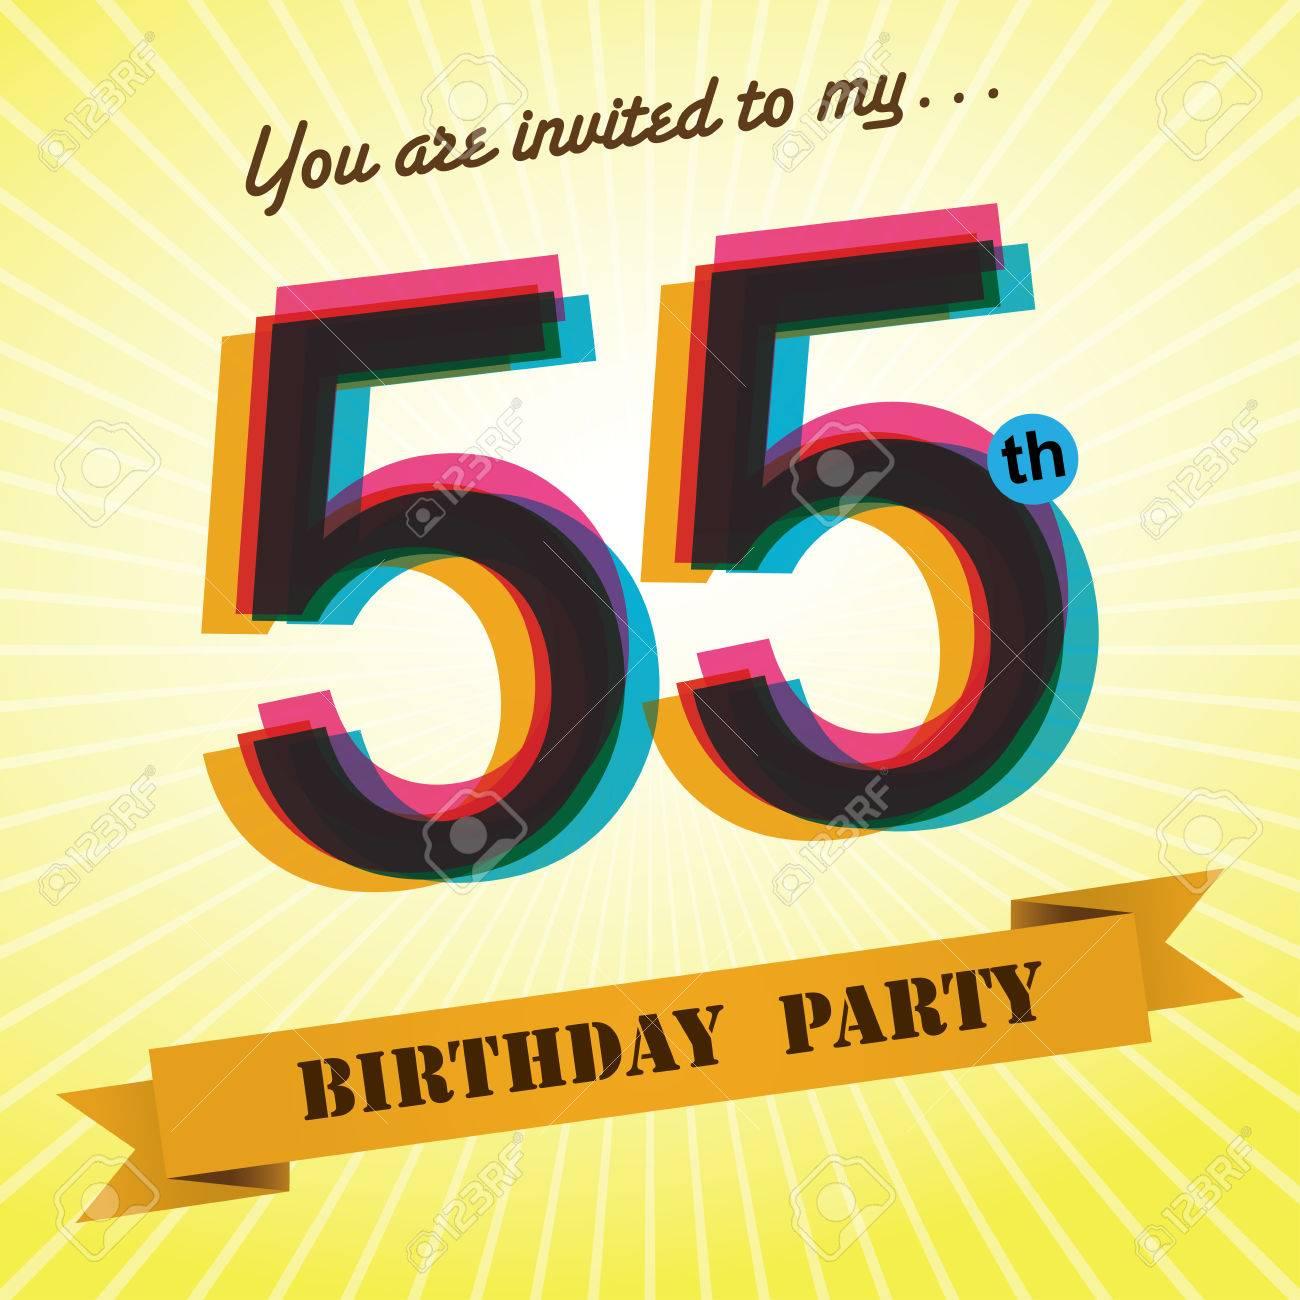 55th birthday party invite template design retro style vector